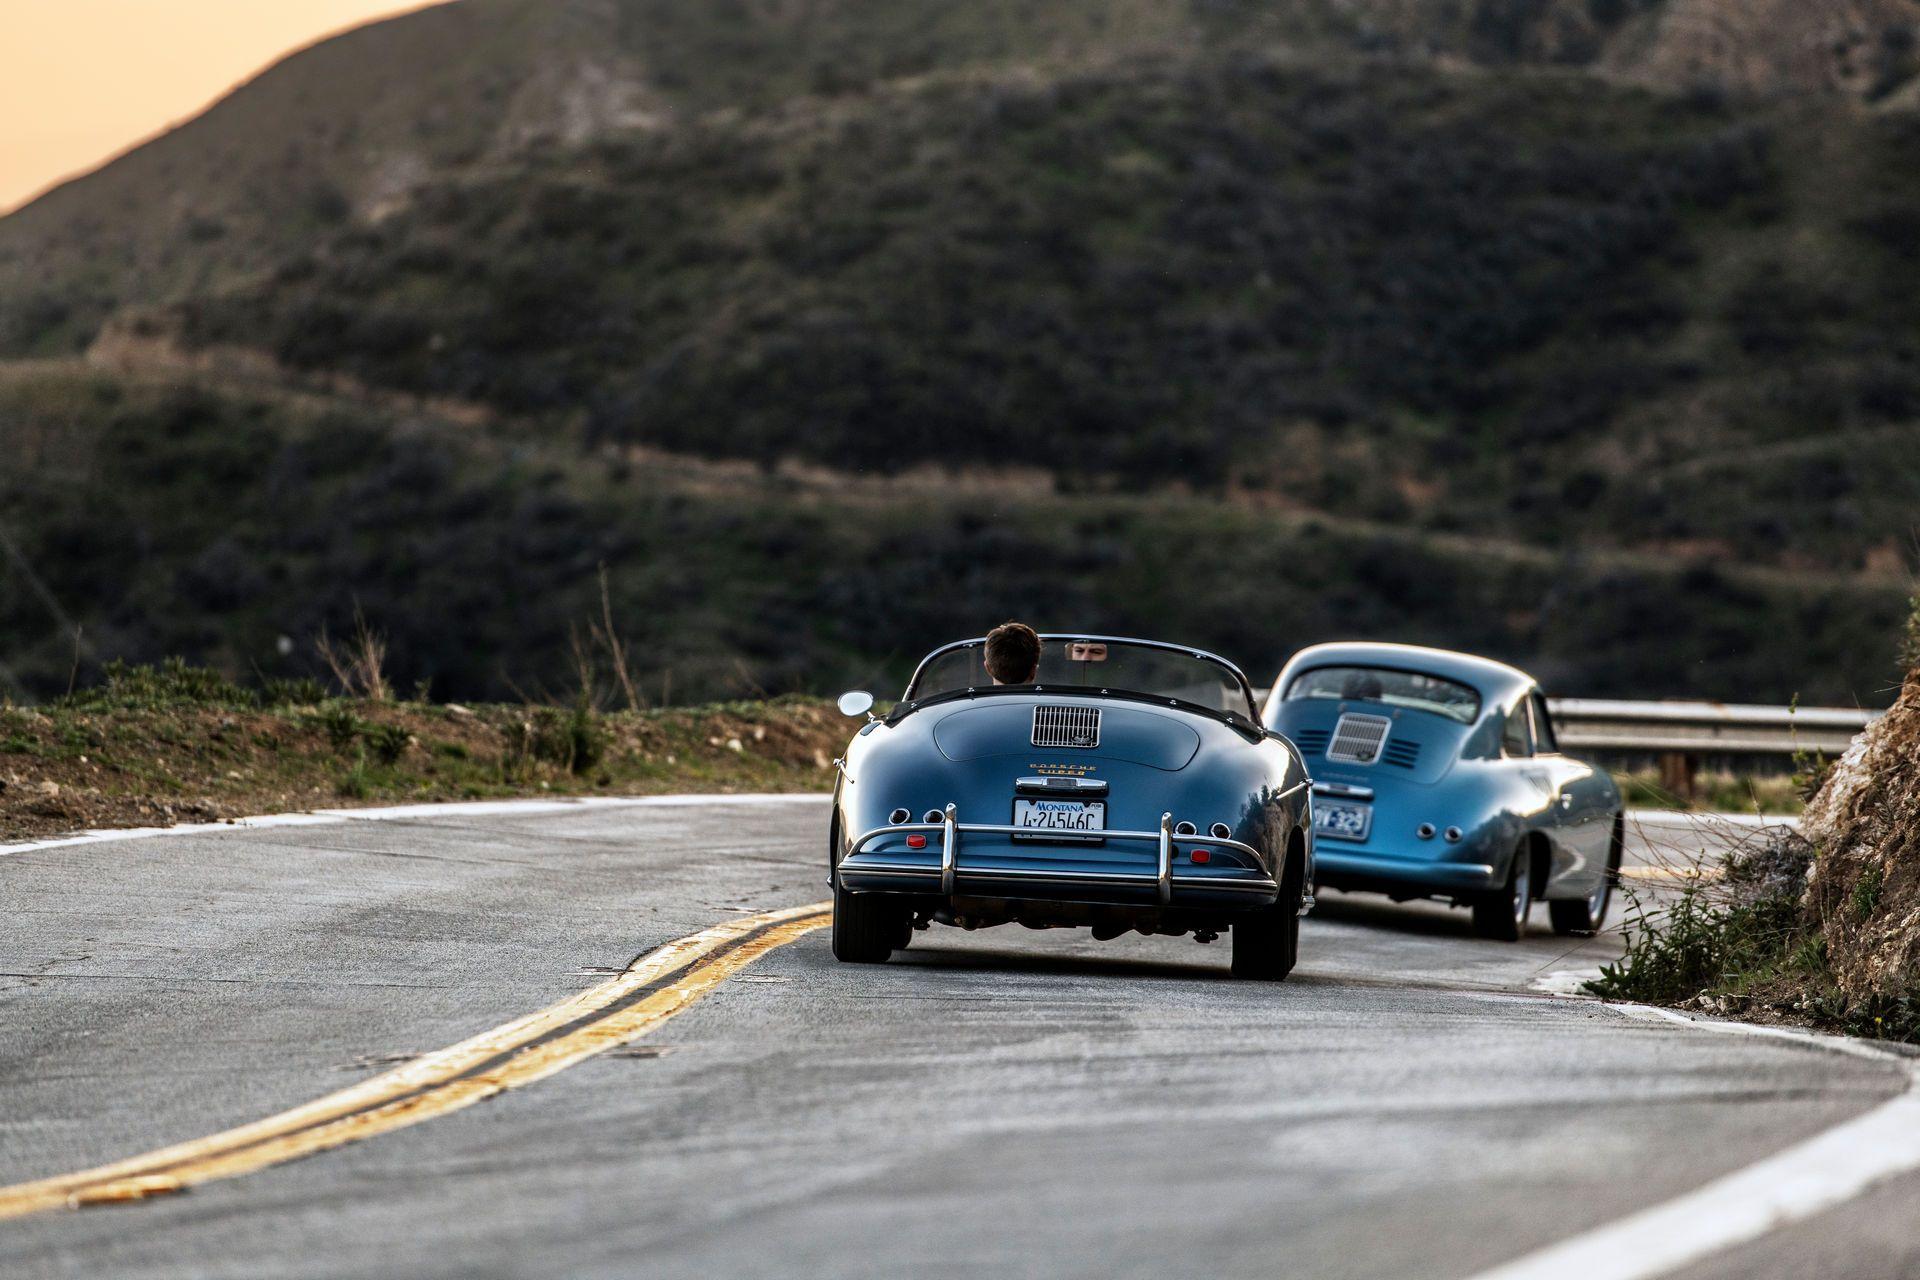 Porsche-356-A-Coupe-Restomod-Emory-Motorsports-13